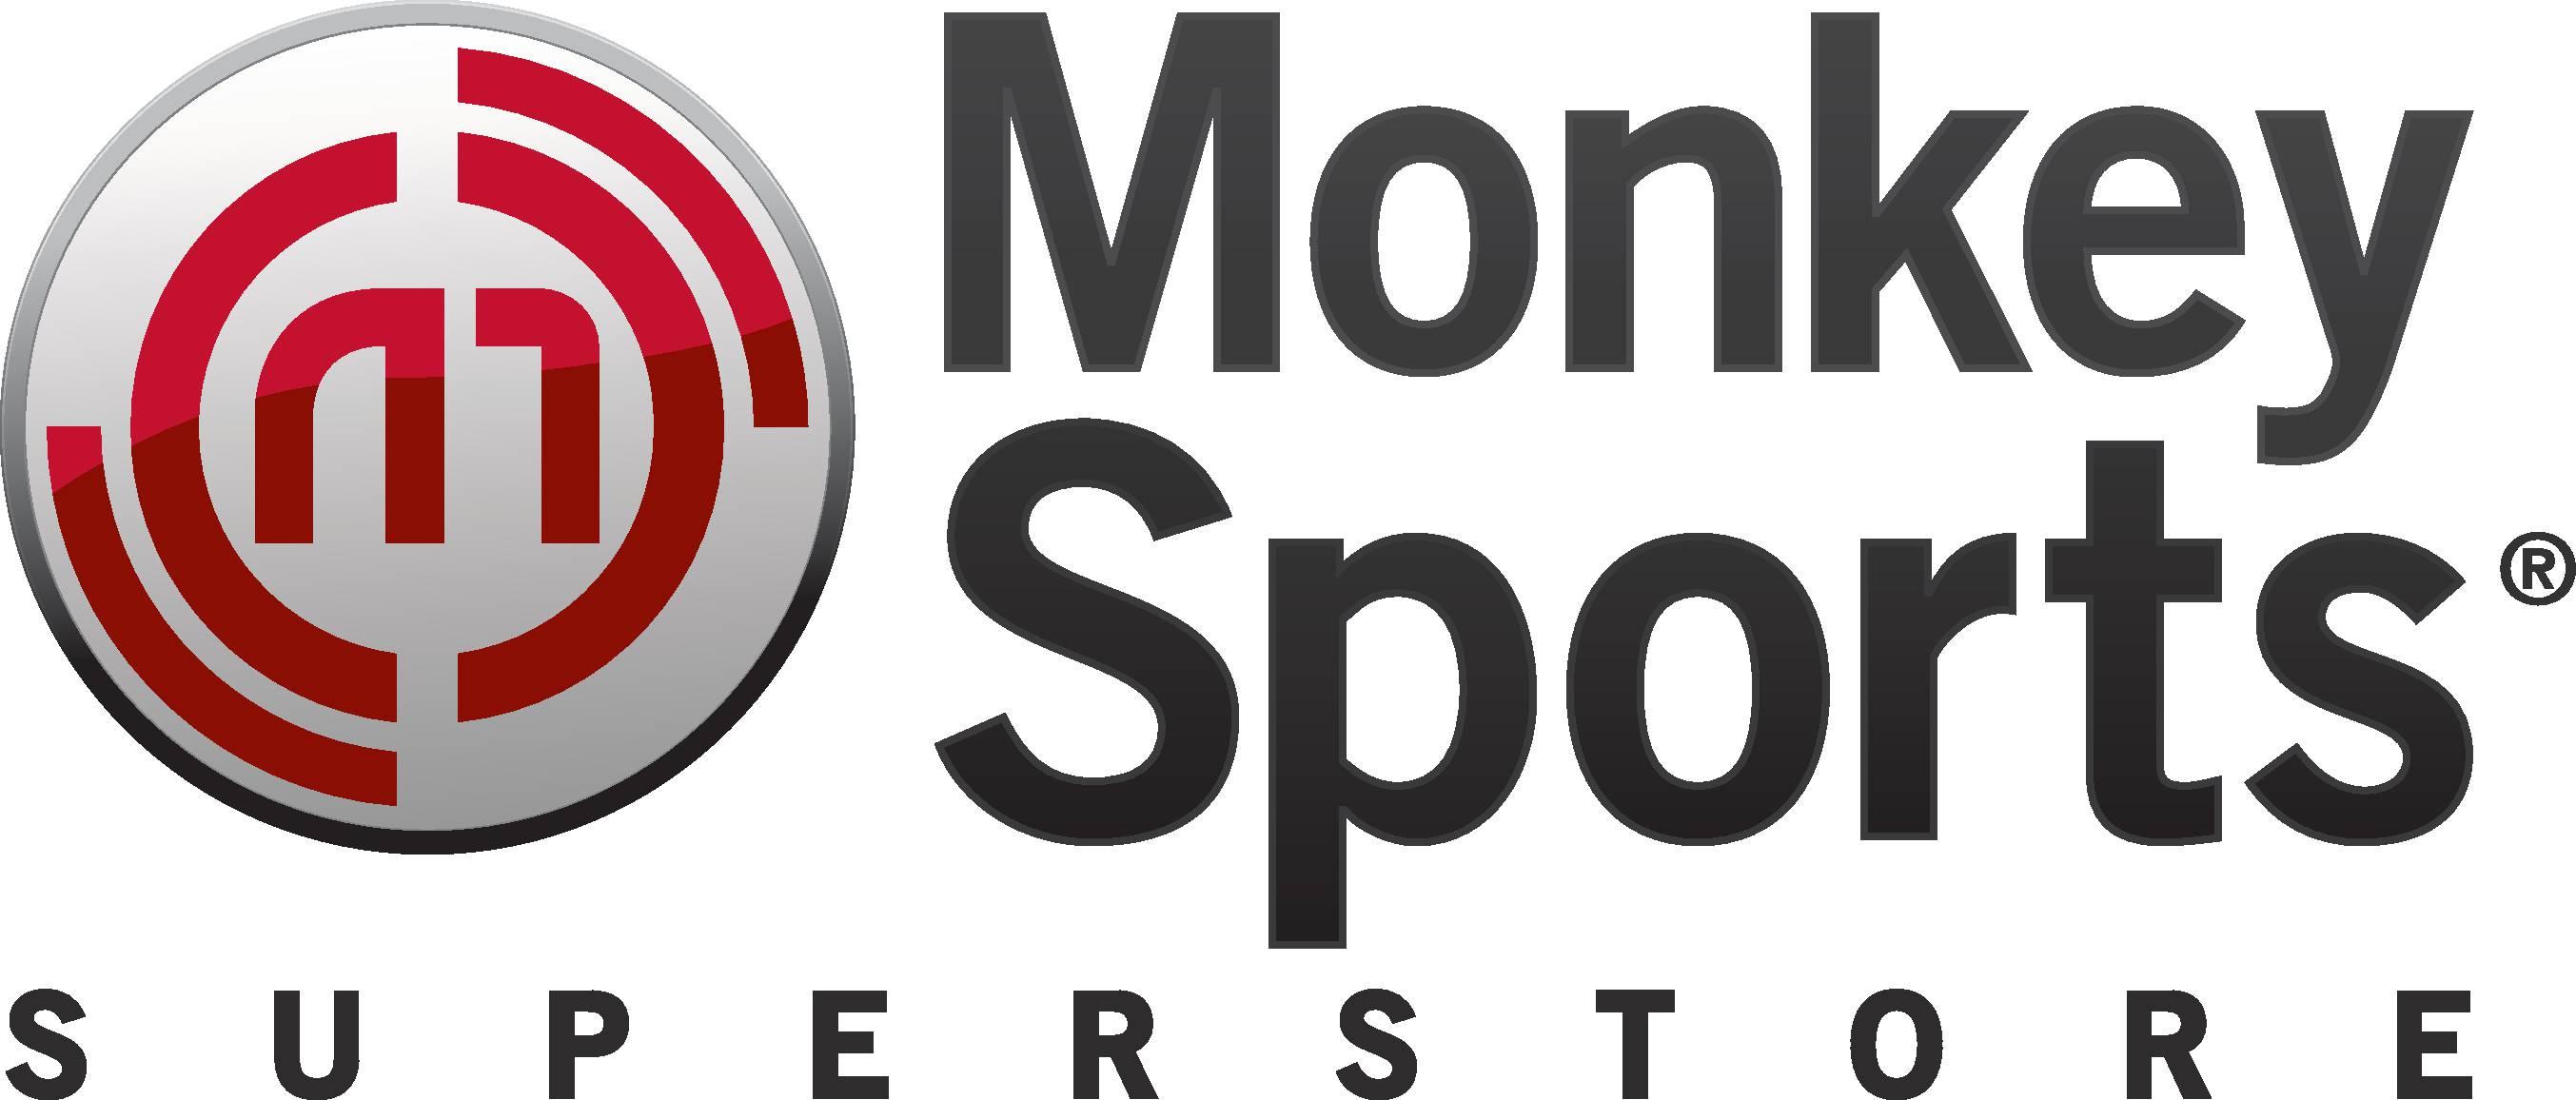 2016 MonkeySports